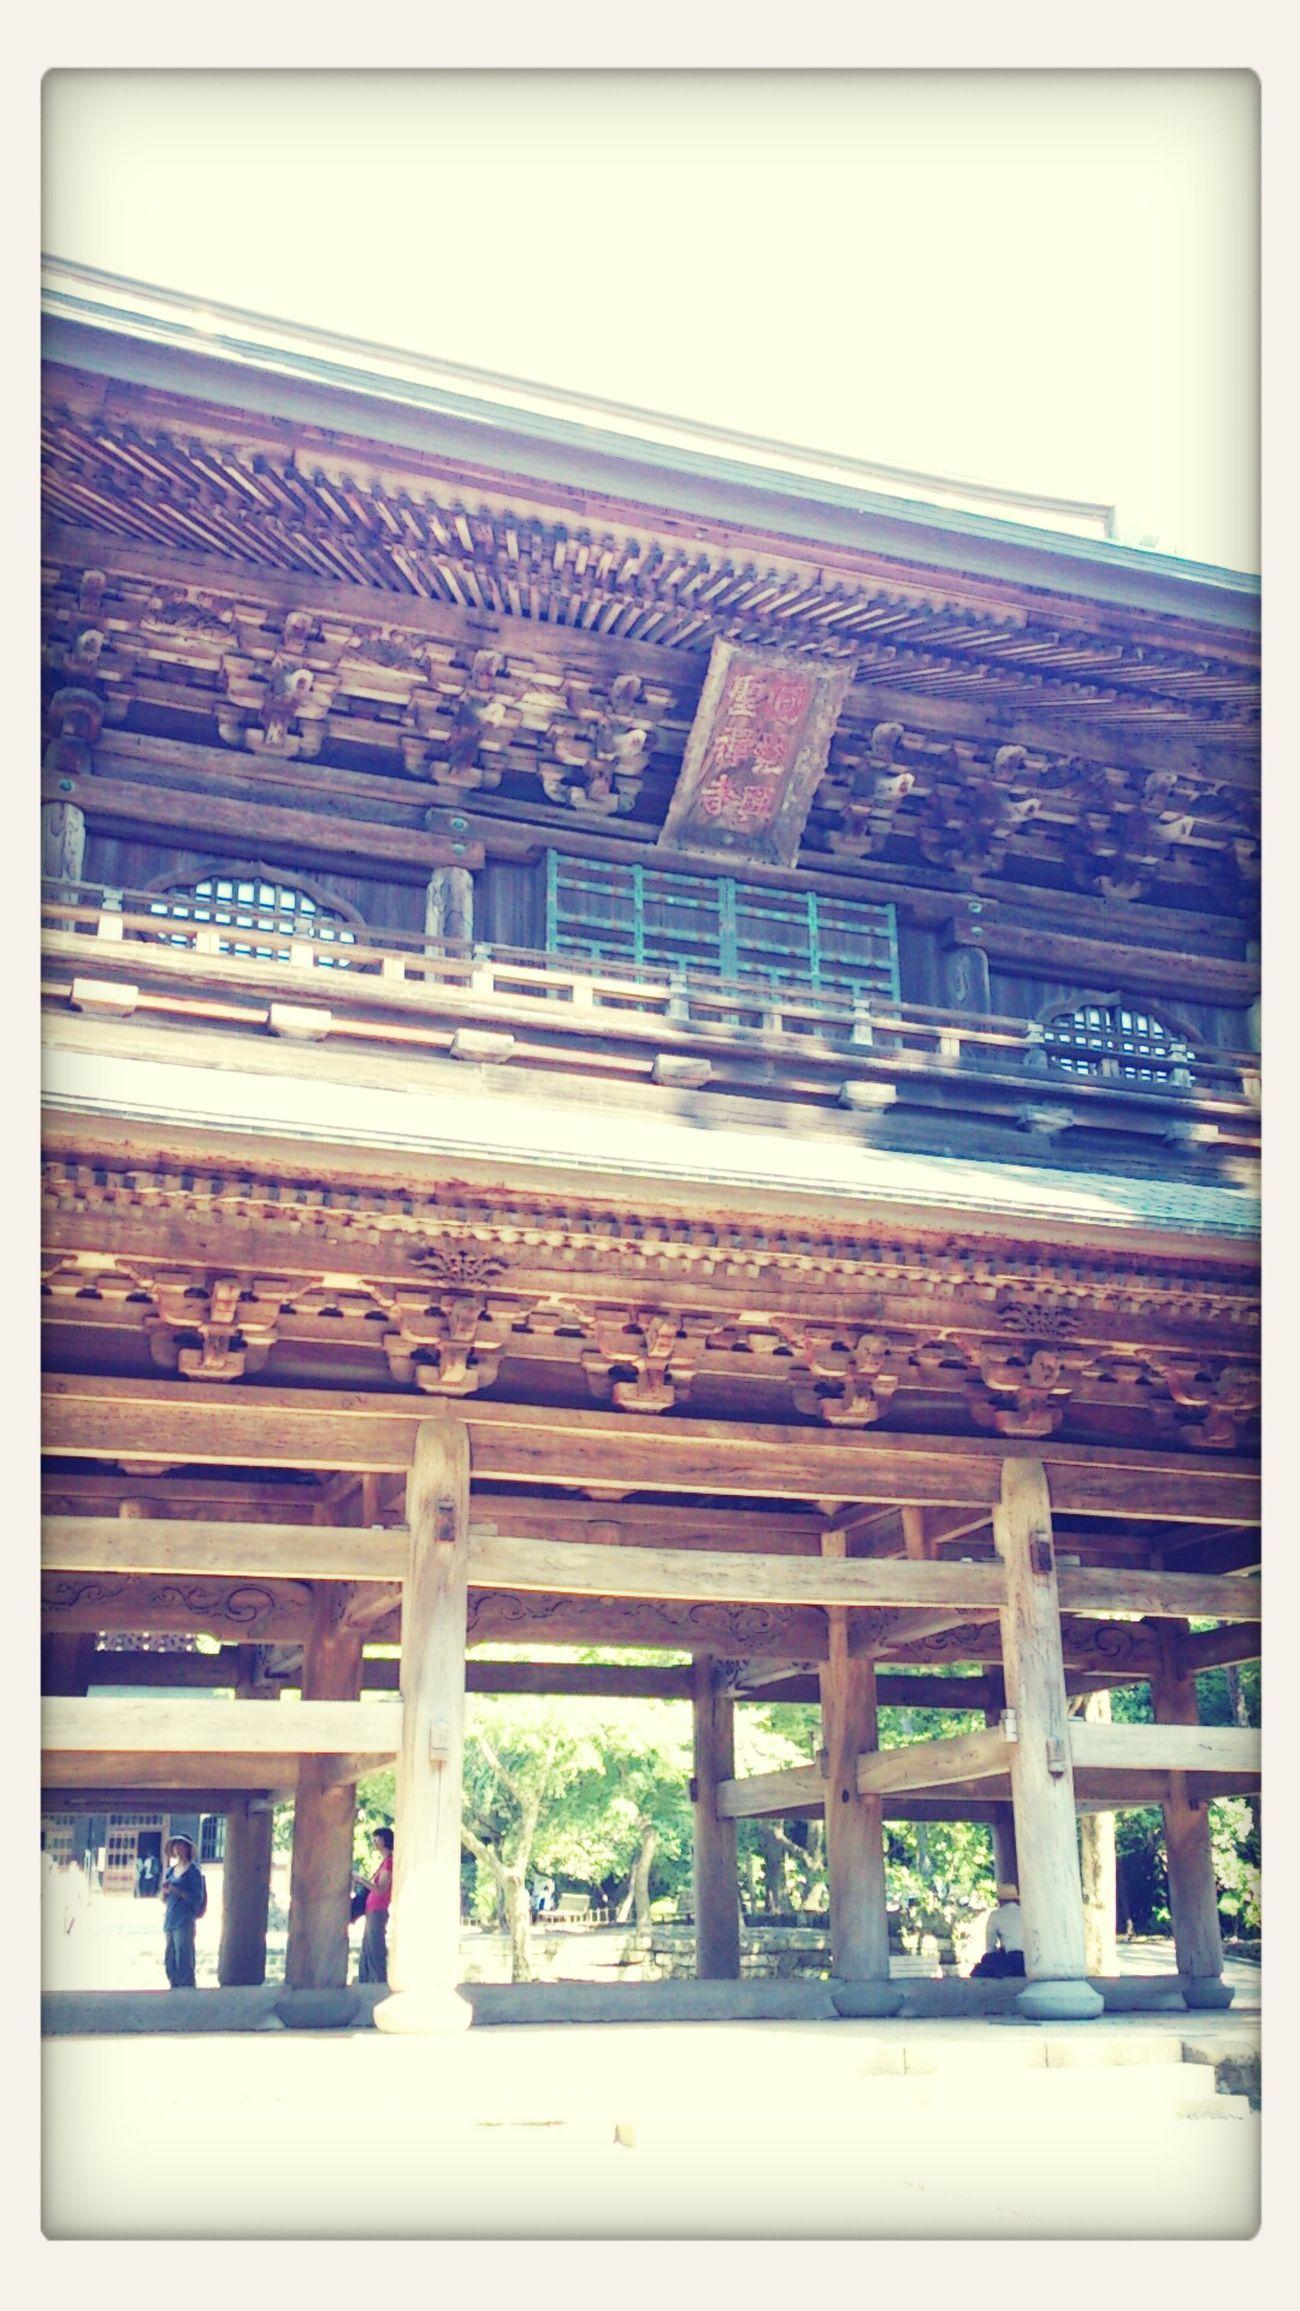 座禅会、今日はないらしい…。うそんっ。 Japan Scenery